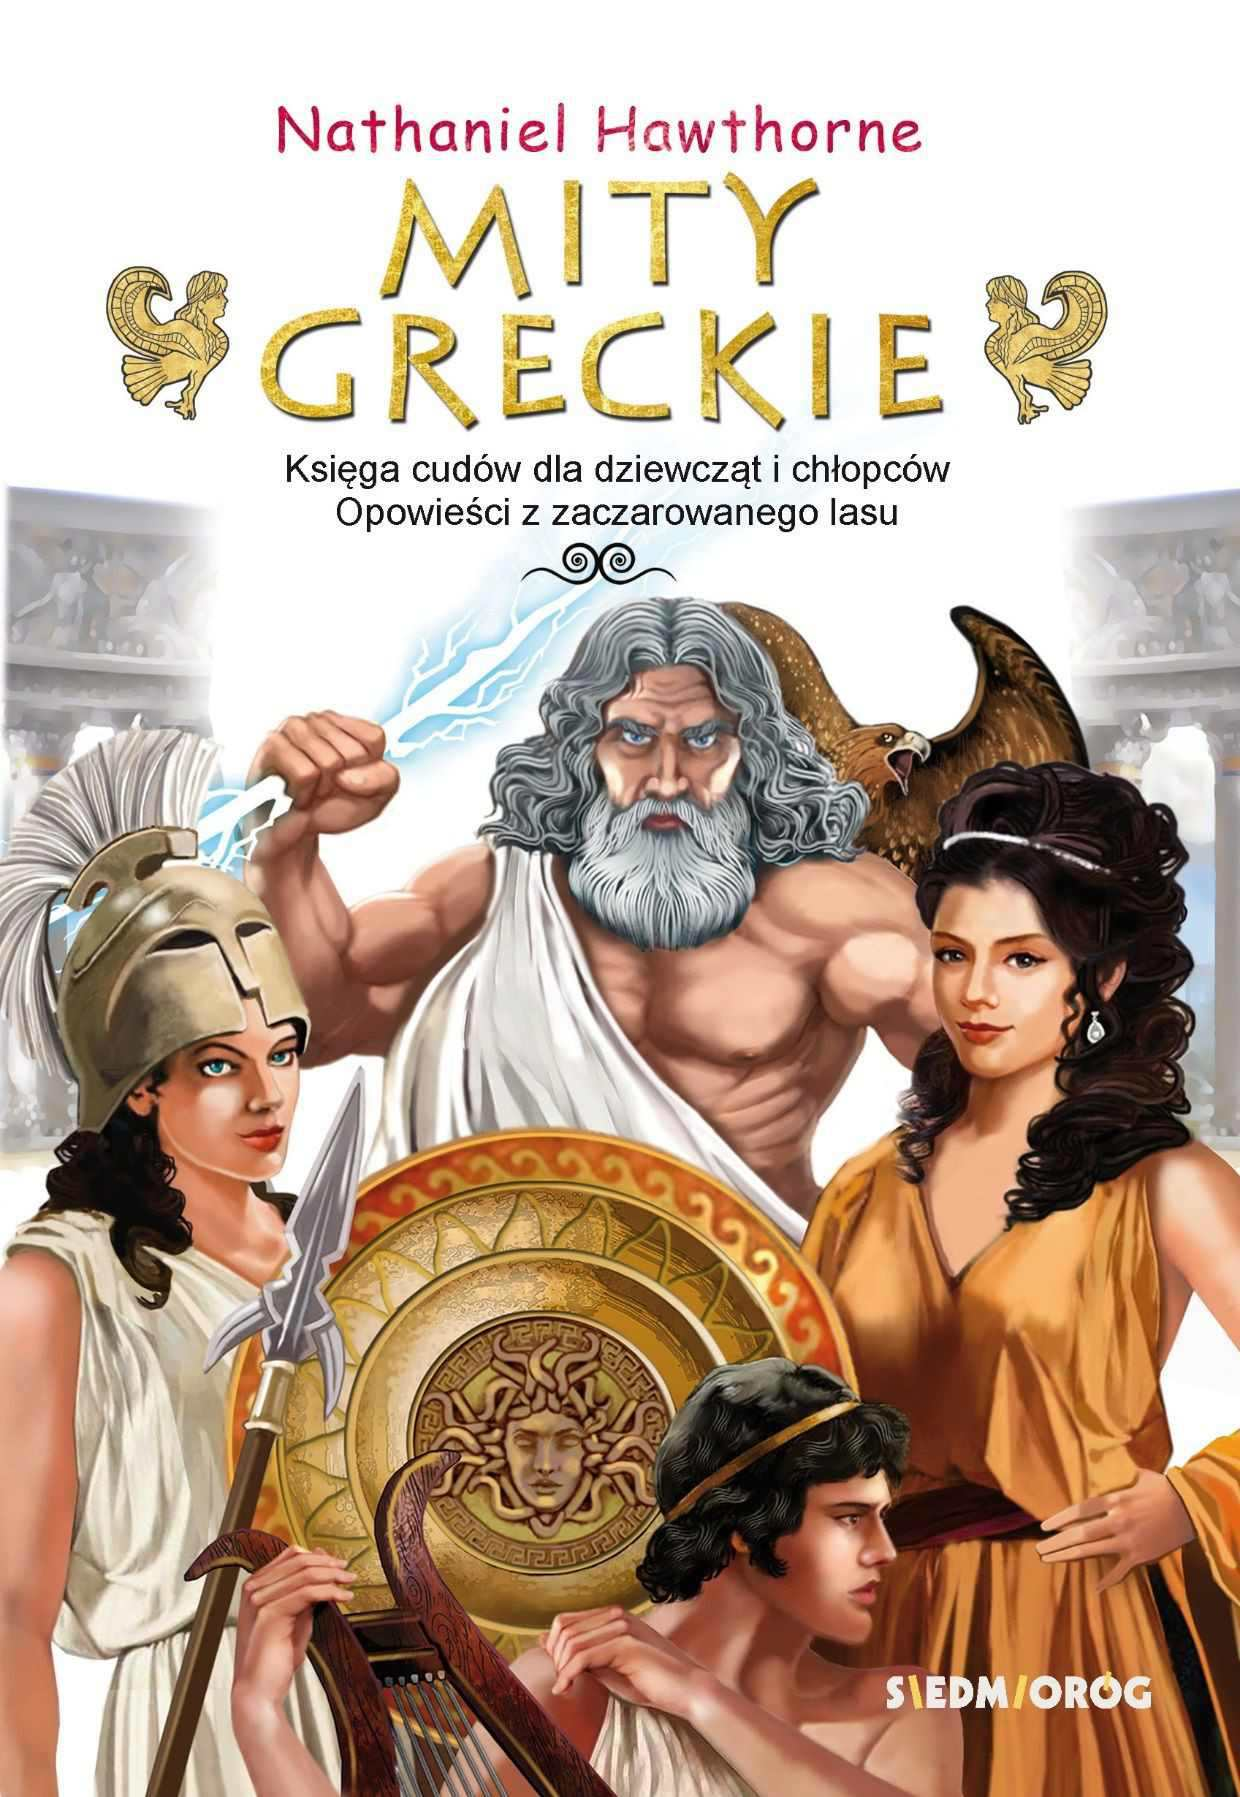 Mity greckie Księga cudów i Opowieści z zaczarowanego lasu - Ebook (Książka na Kindle) do pobrania w formacie MOBI